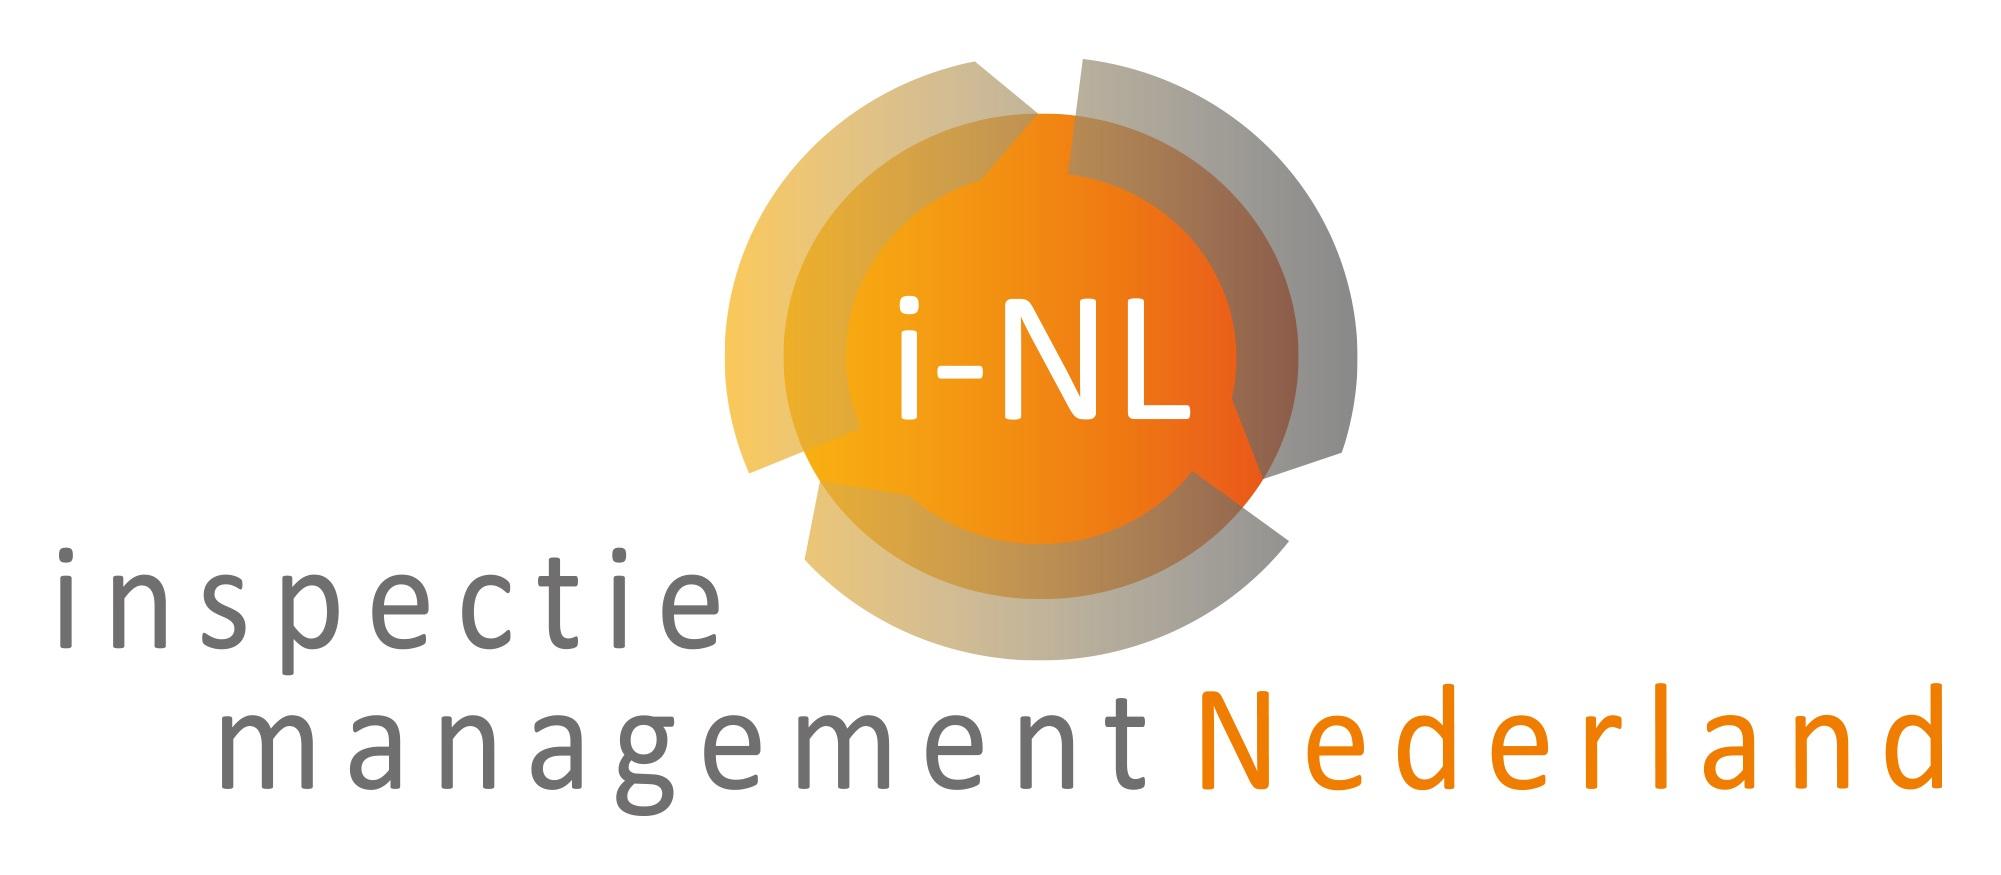 Insoectie Managment Nederland is de afhandeling en validatie organisatie van bouwkundige inspecties in Nederland.